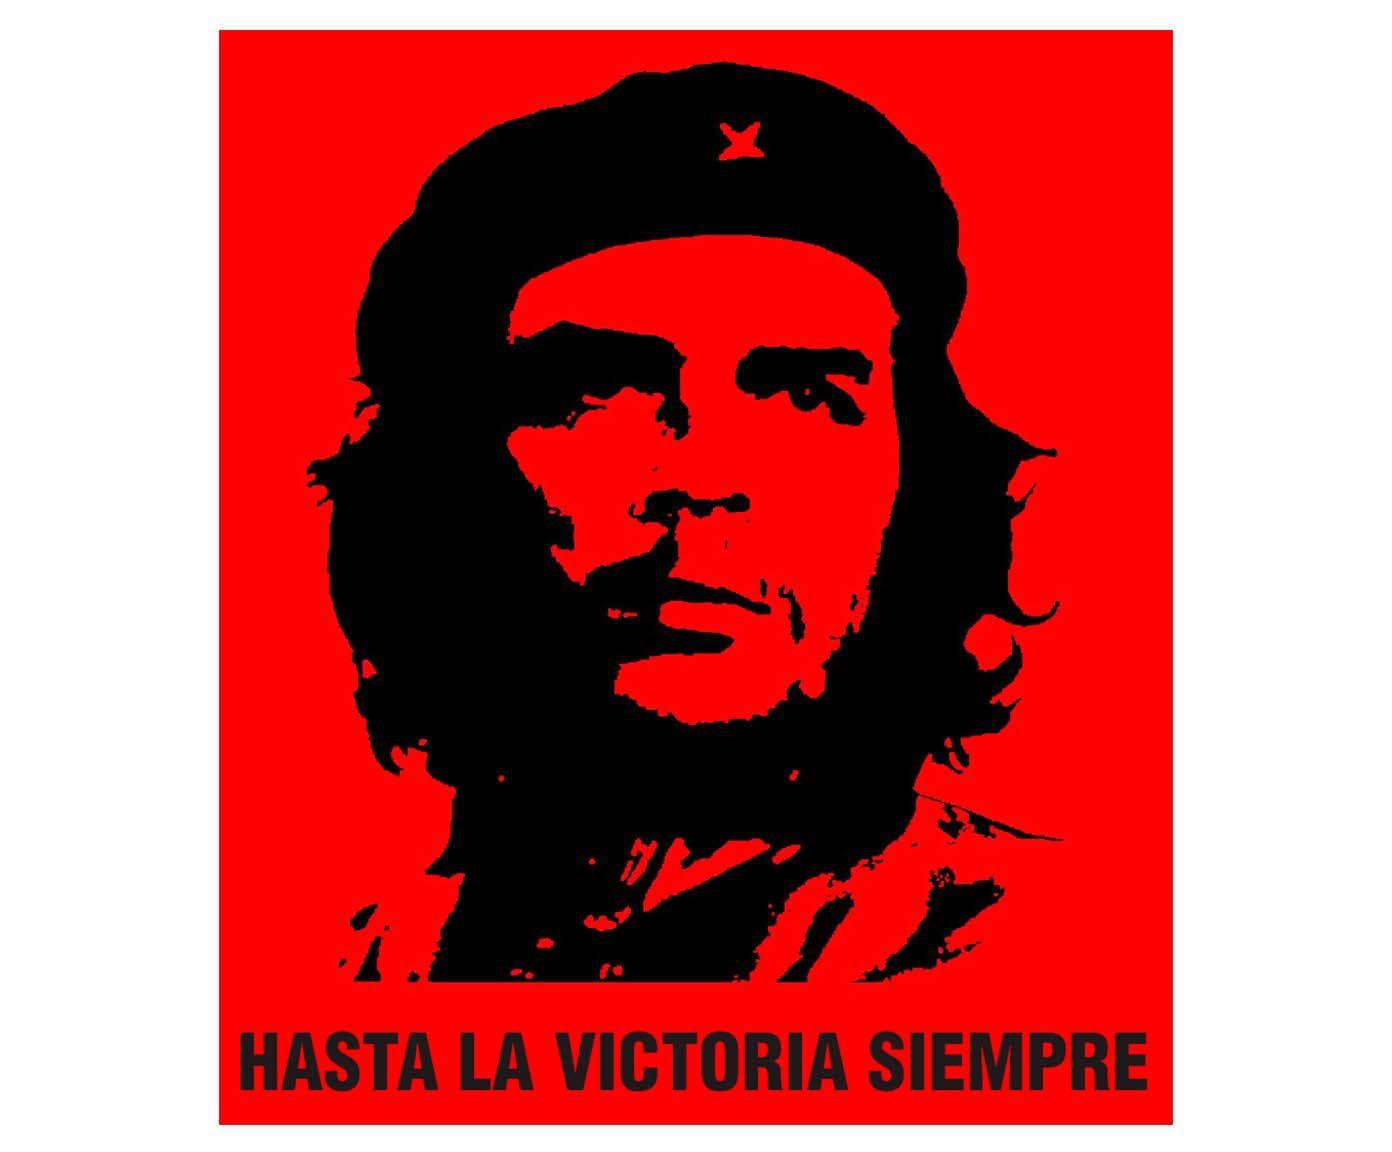 Gravura hasta la victoria siempre | Westwing.com.br